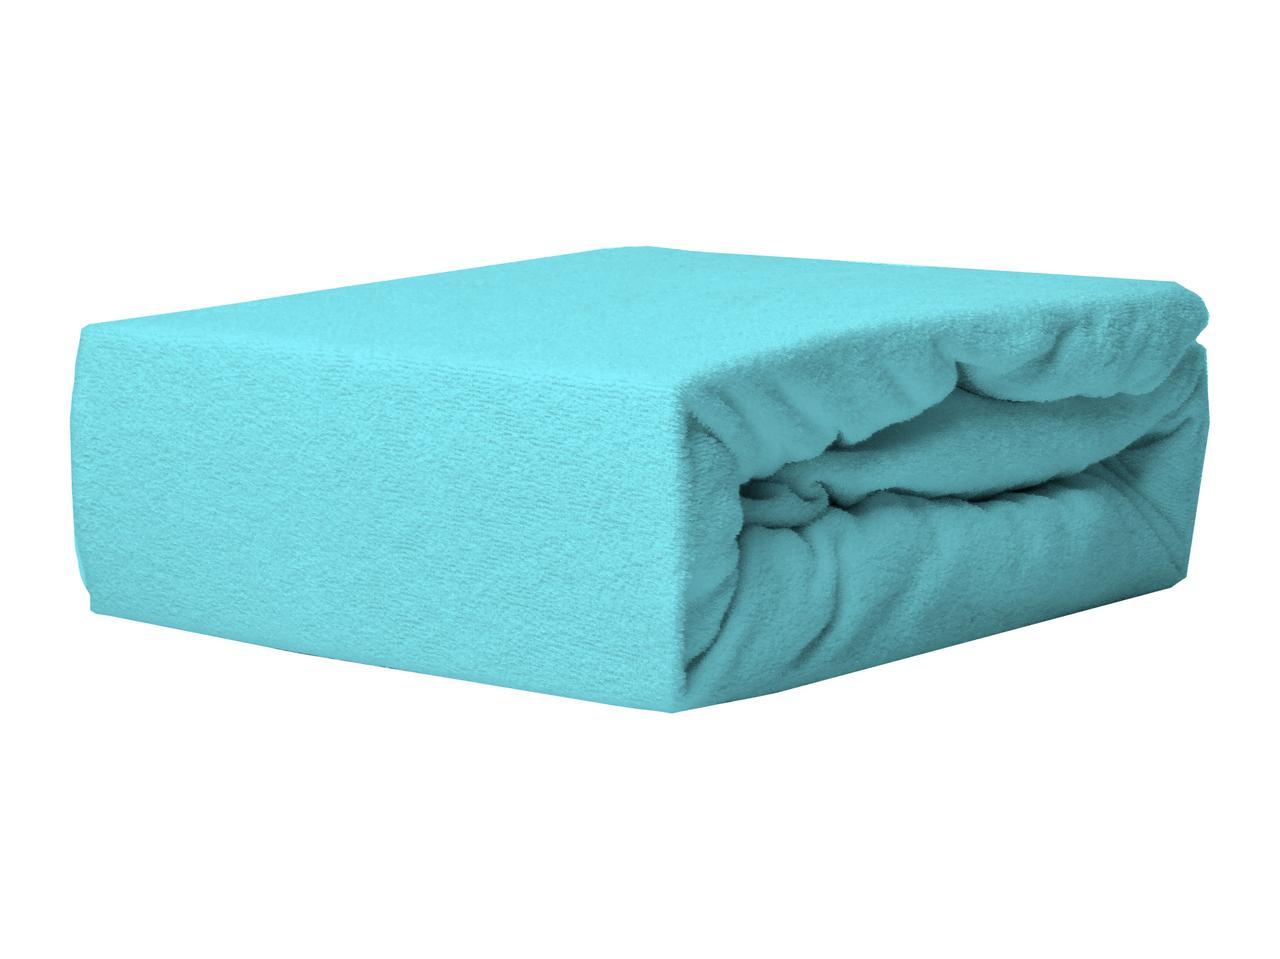 Простыня Махровая На резинке NR 011D Darymex 8803 60x120 см Синяя